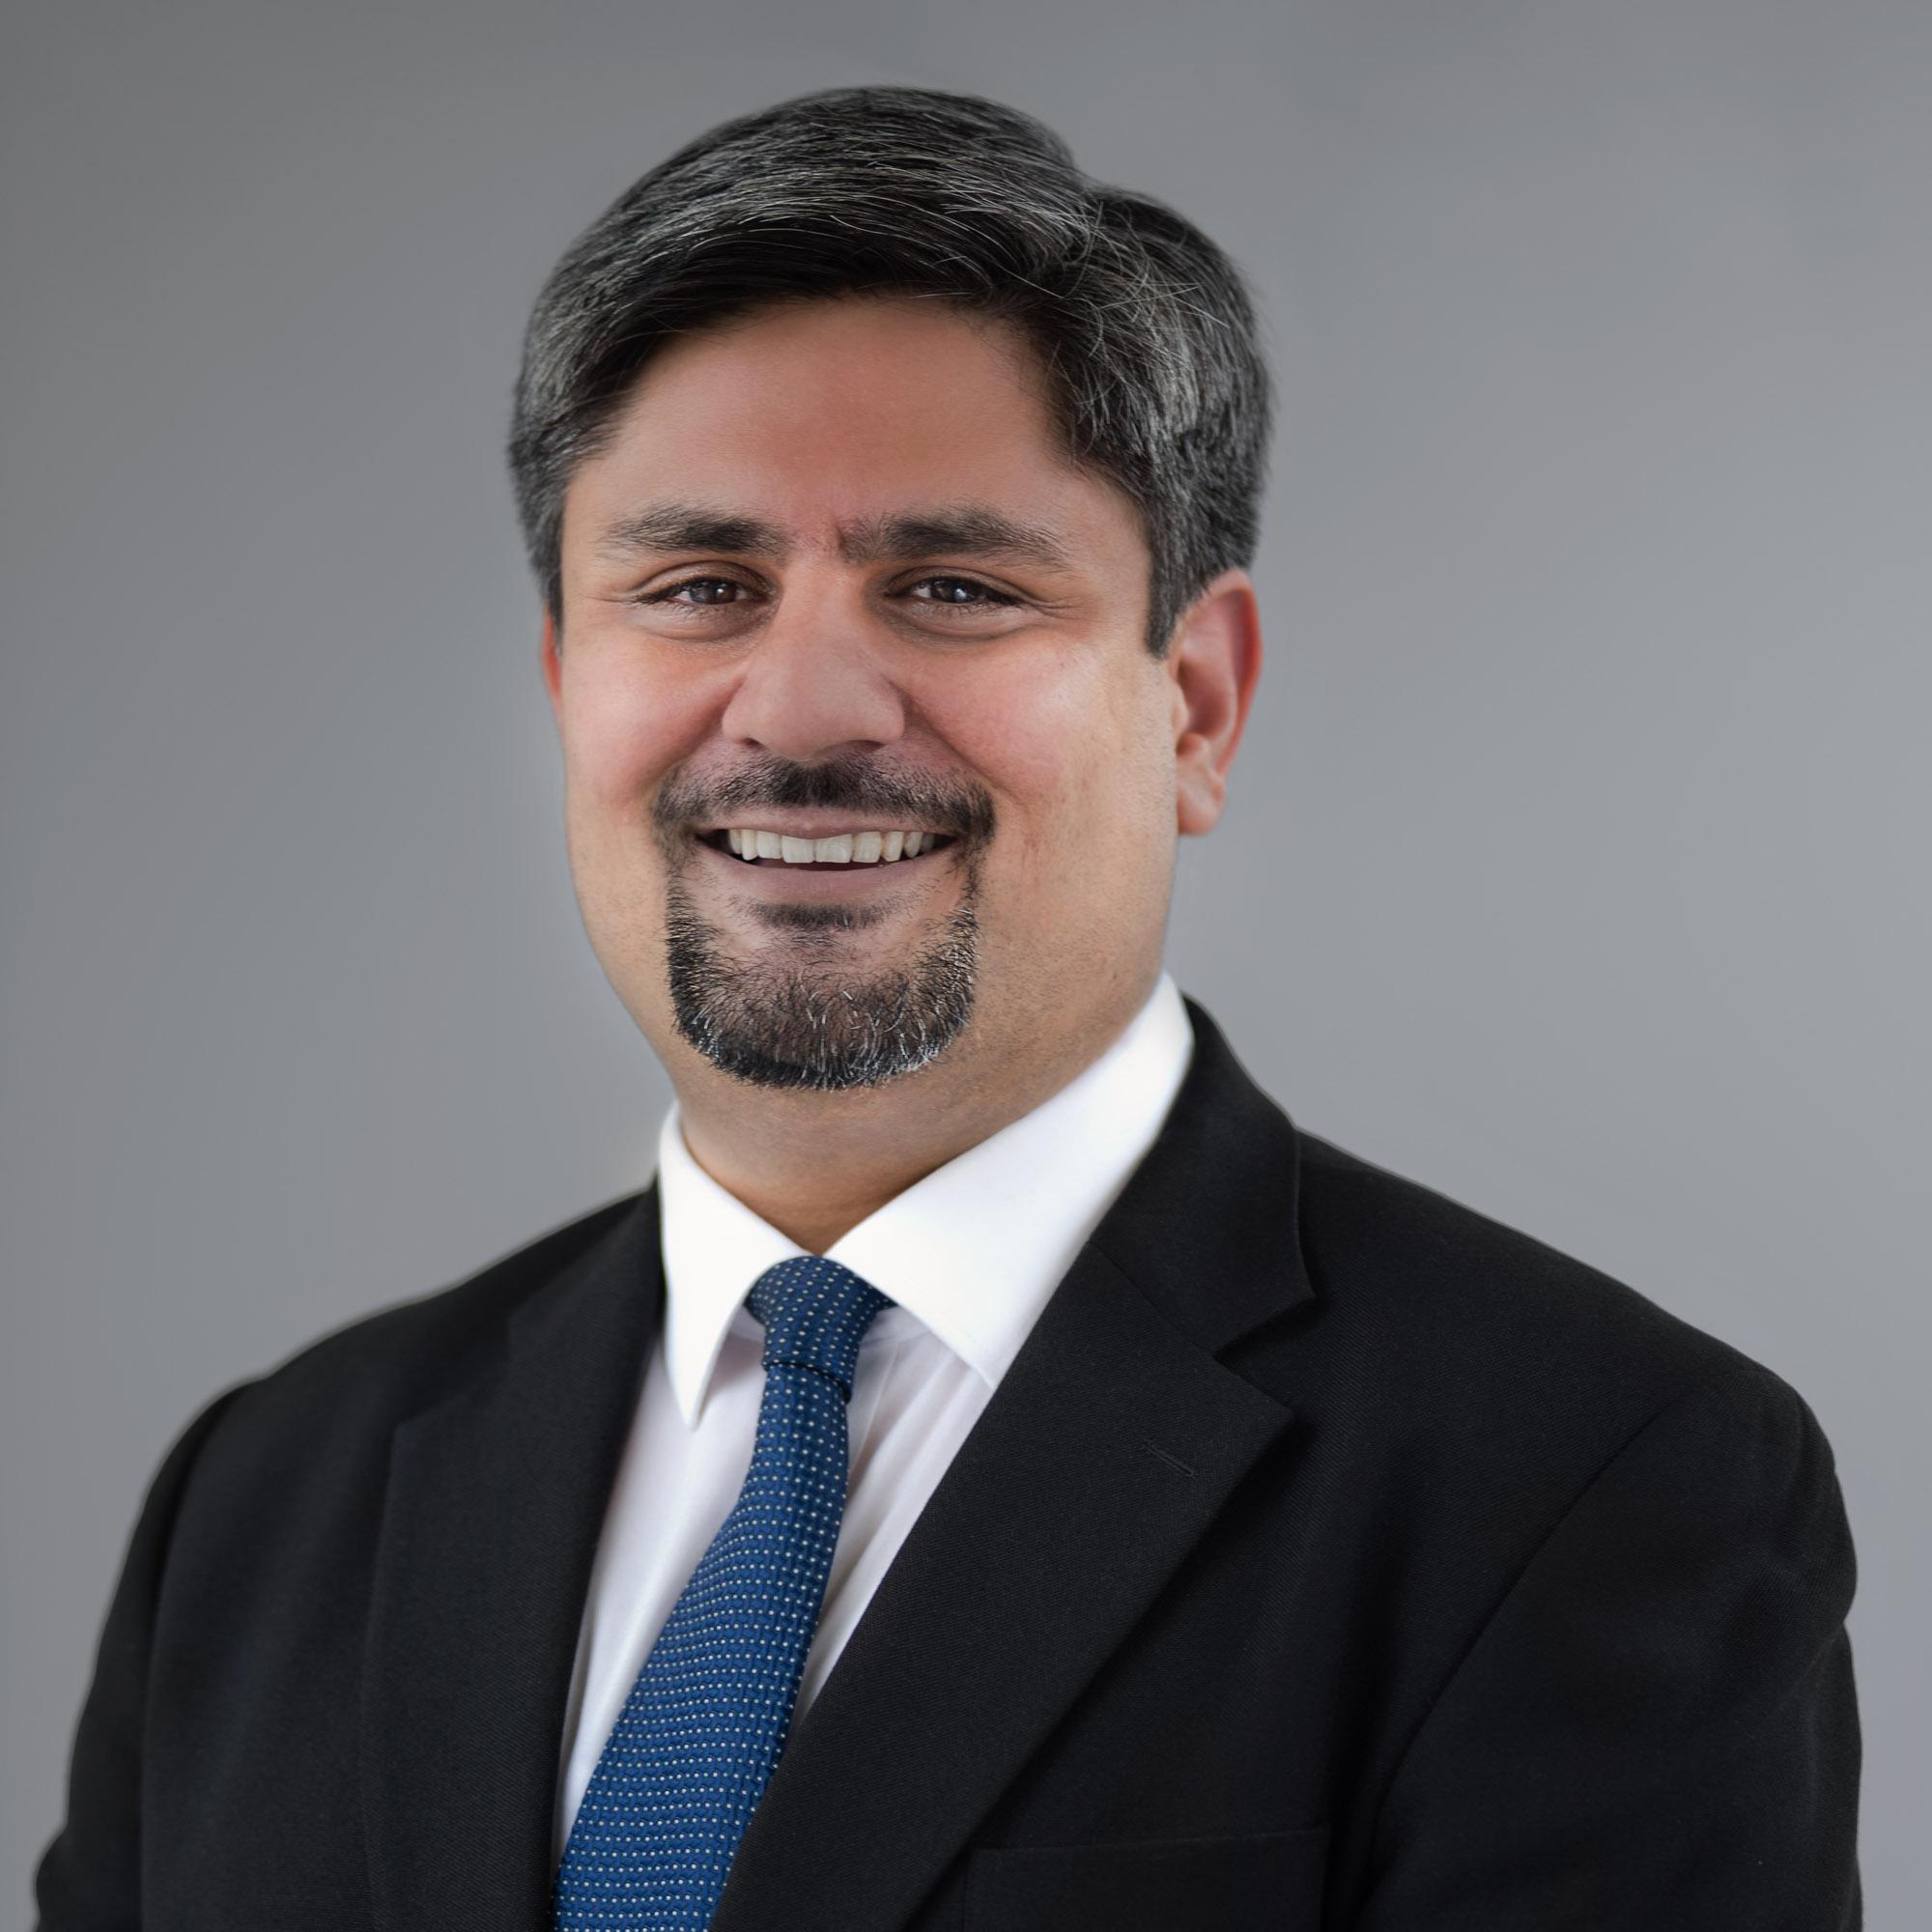 Abhishek Tewari